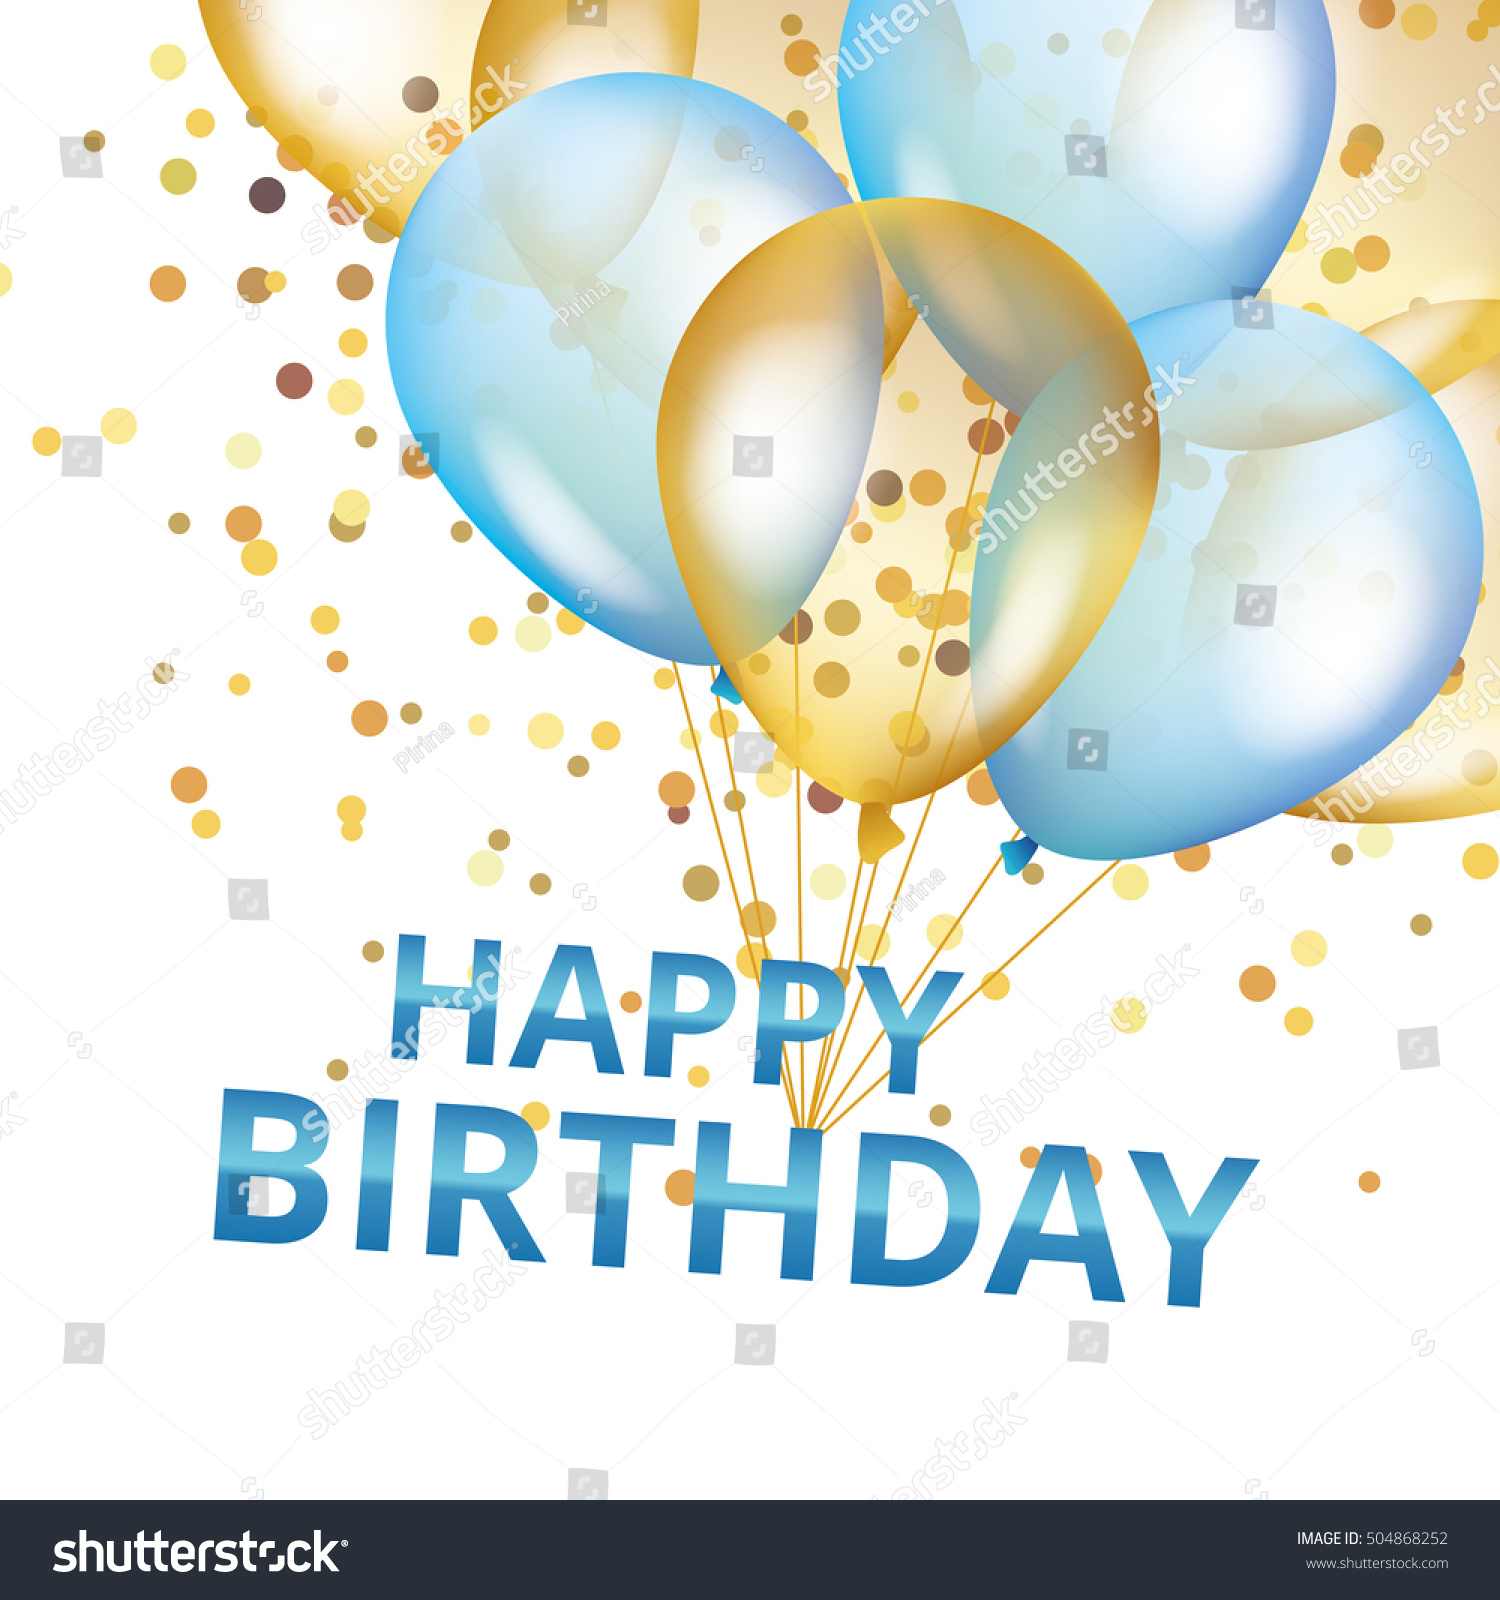 Suchen Sie Nach Balloons Happy Birthday On Black Gold Stockbildern In Hd Und Millionen Weiteren Lizenzfreien Stockfotos Illustrationen Und Vektorgrafiken In Der Shutterstock Kollektion Jeden Tag Werden Tausende Neue Hochwertige Bilder Hinzugefugt